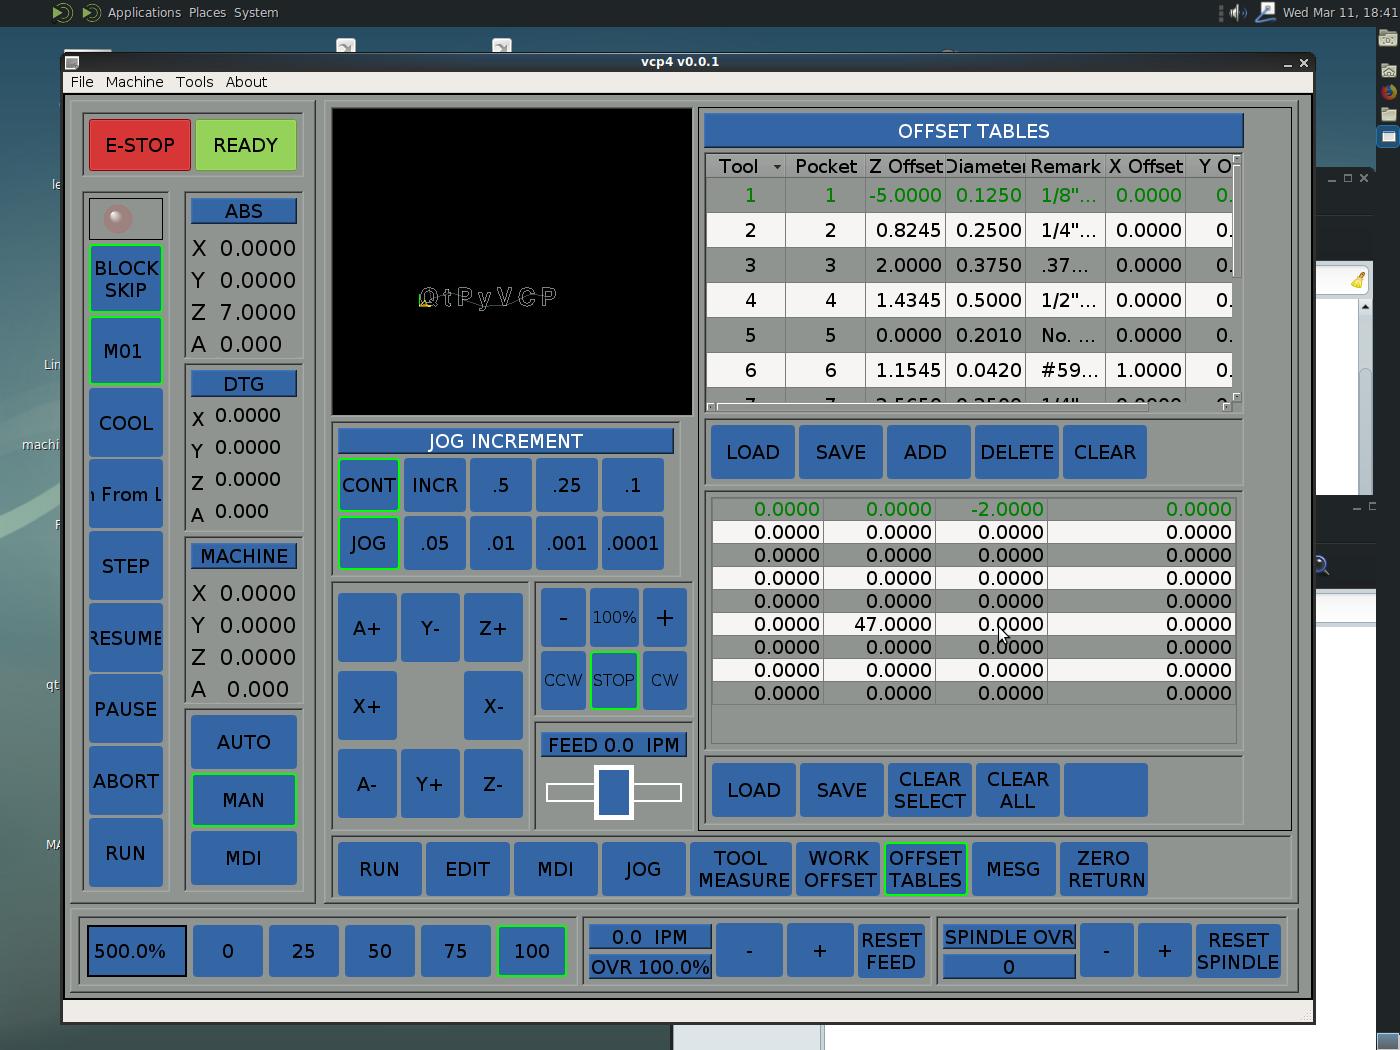 Screenshotat2020-03-1118-41-36.png